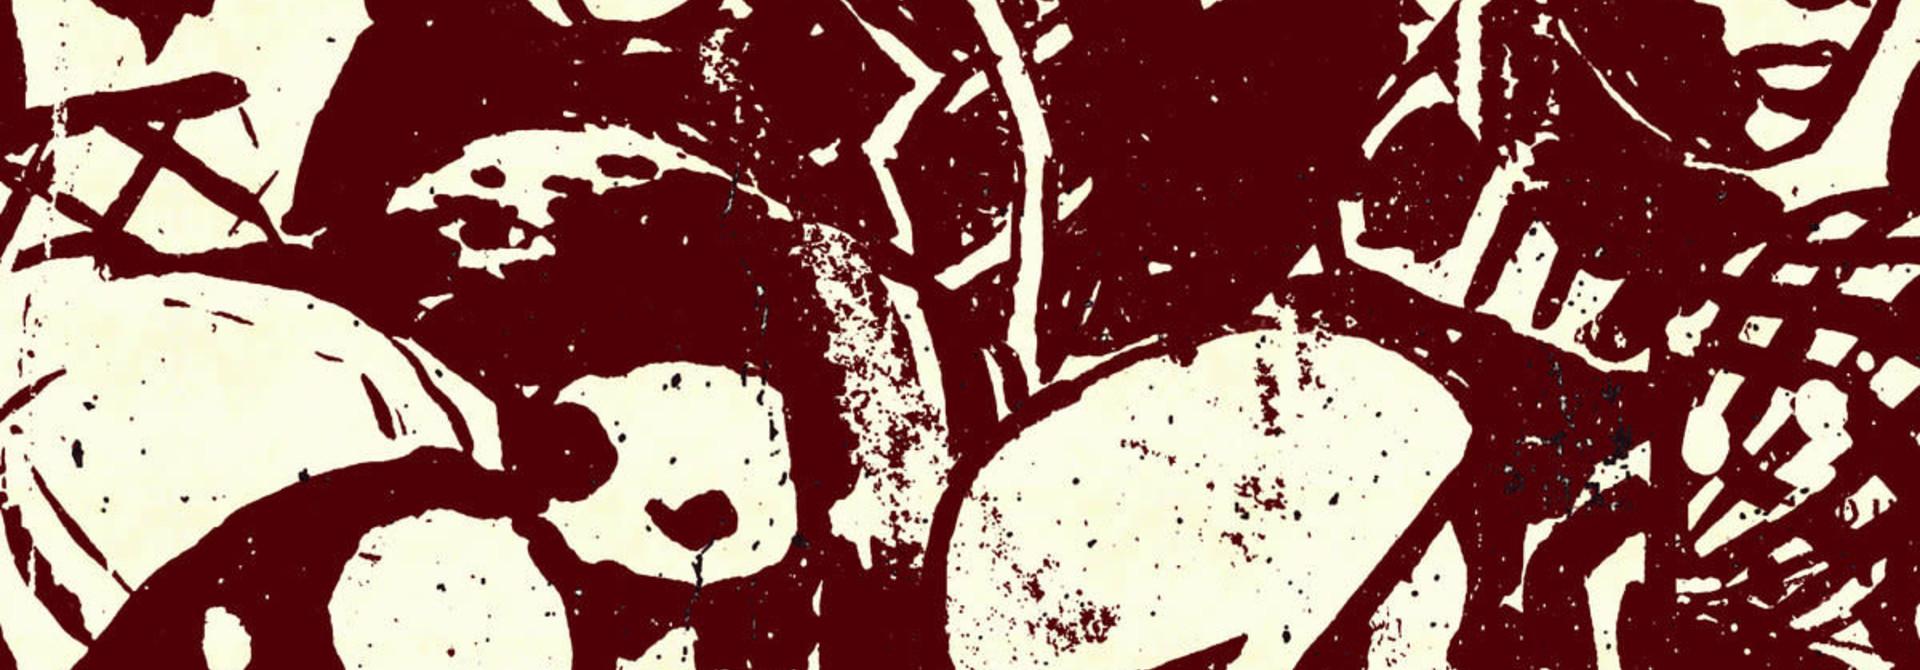 Makaya McCraven • Universal Beings E&F Sides